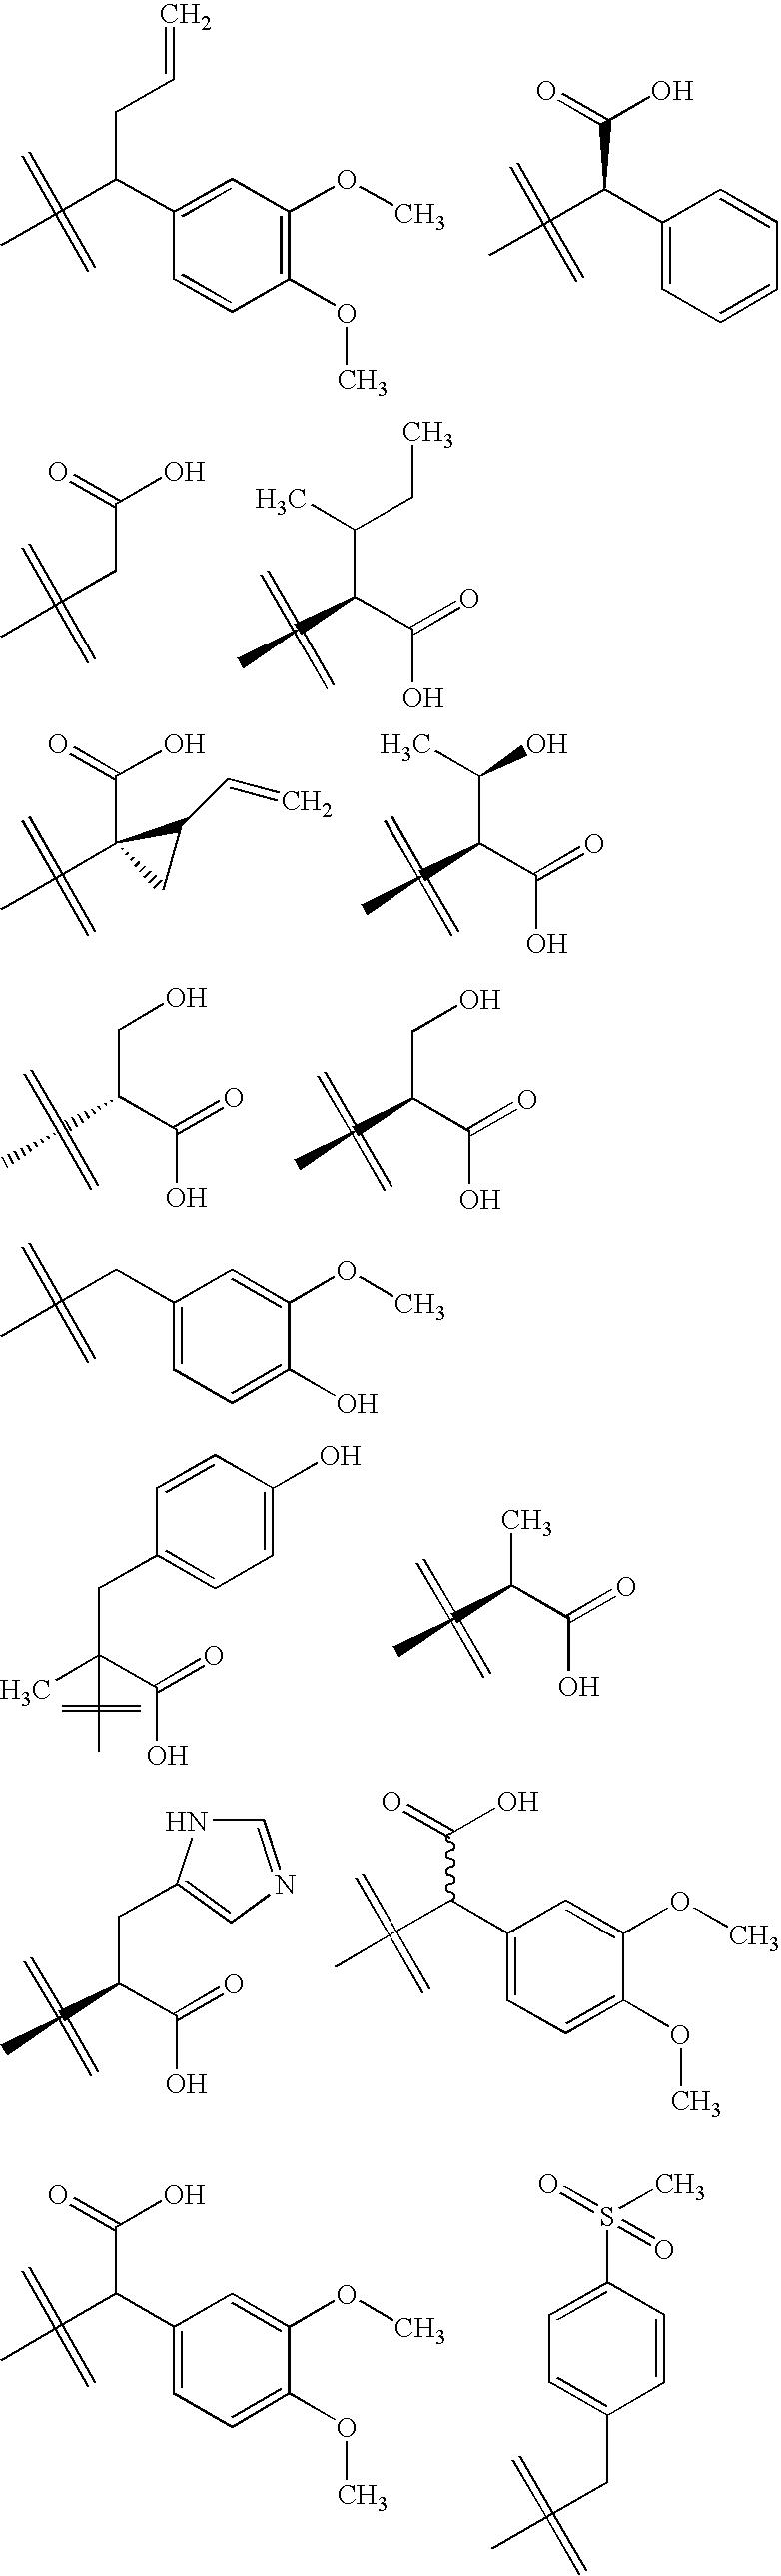 Figure US20070049593A1-20070301-C00113